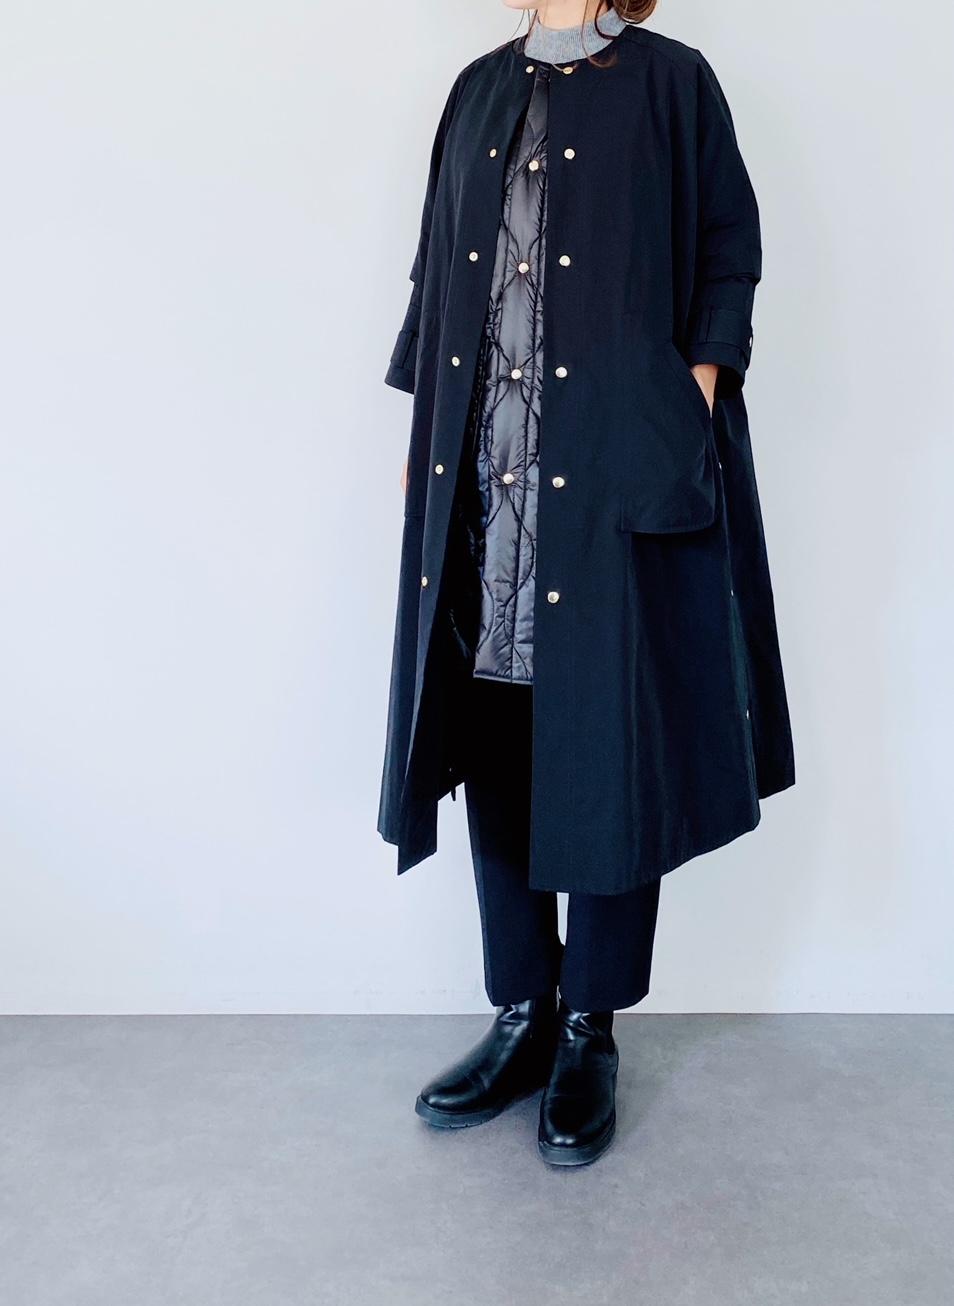 TROIS(トロワ)   キルティングベスト付きグログランノーカラーコート  BLACK